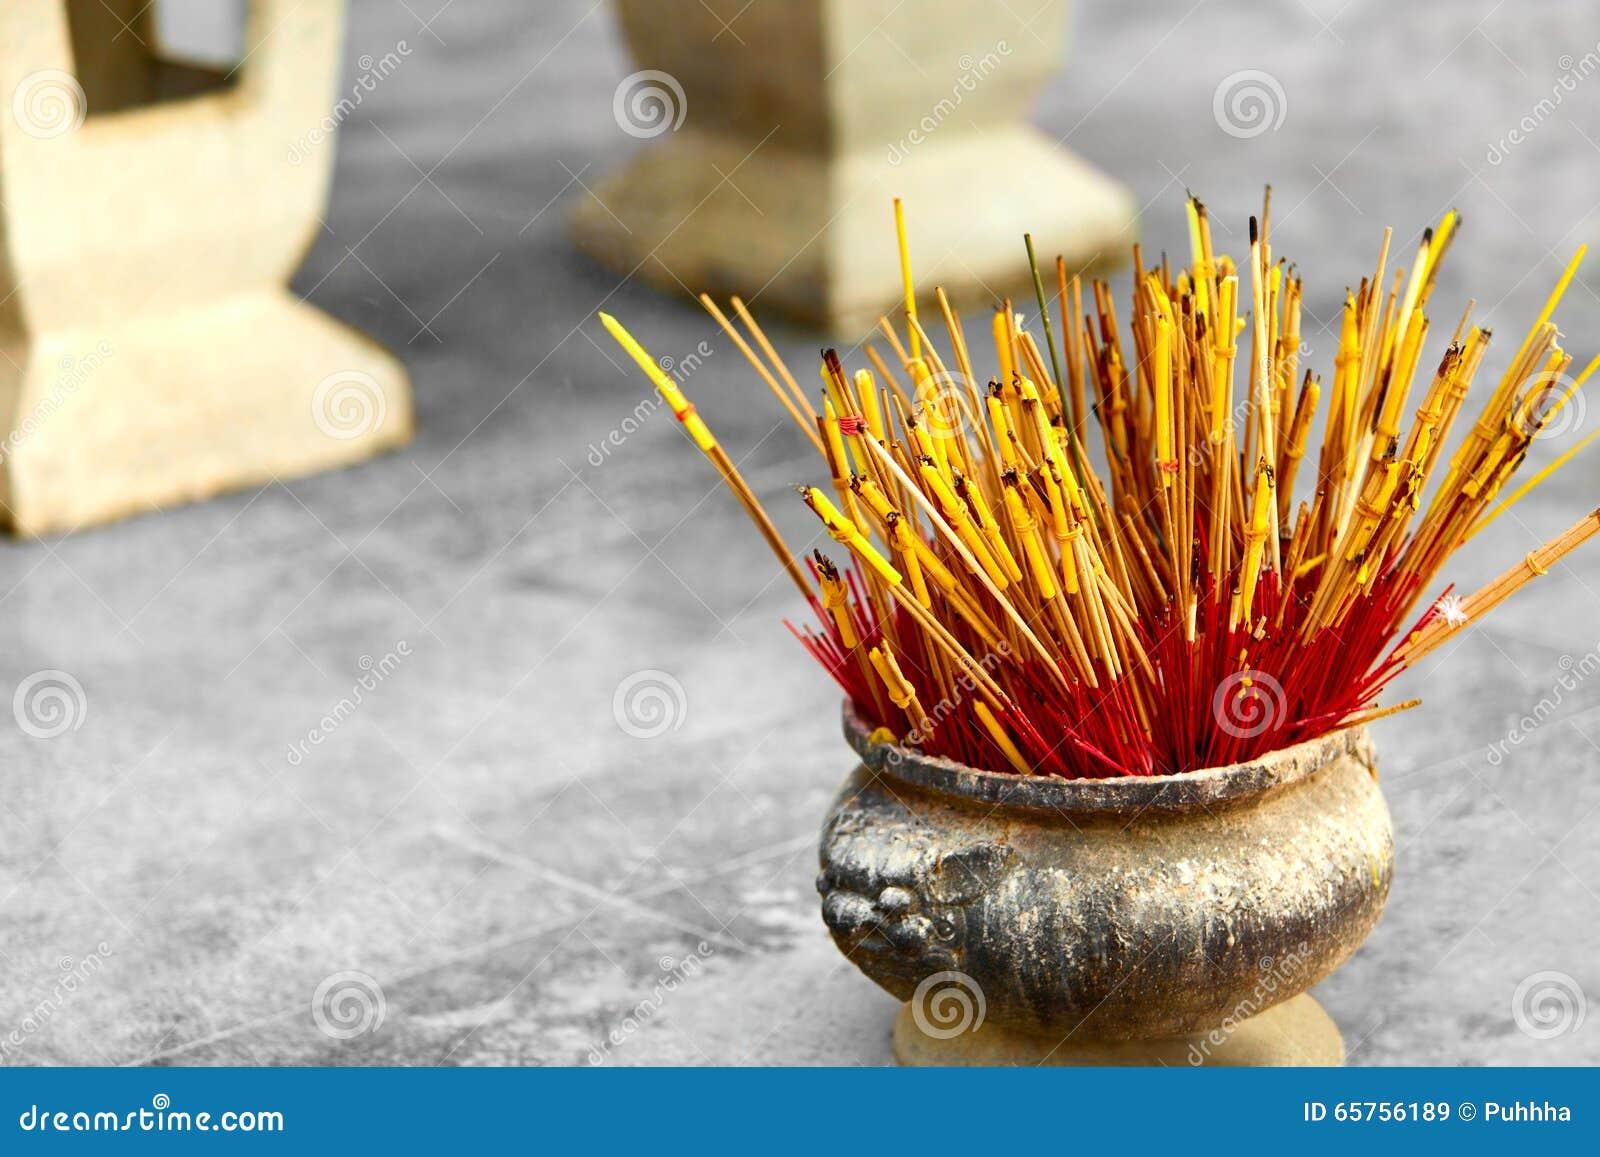 Buddhism Thailand Religion Incense Sticks In Urn In